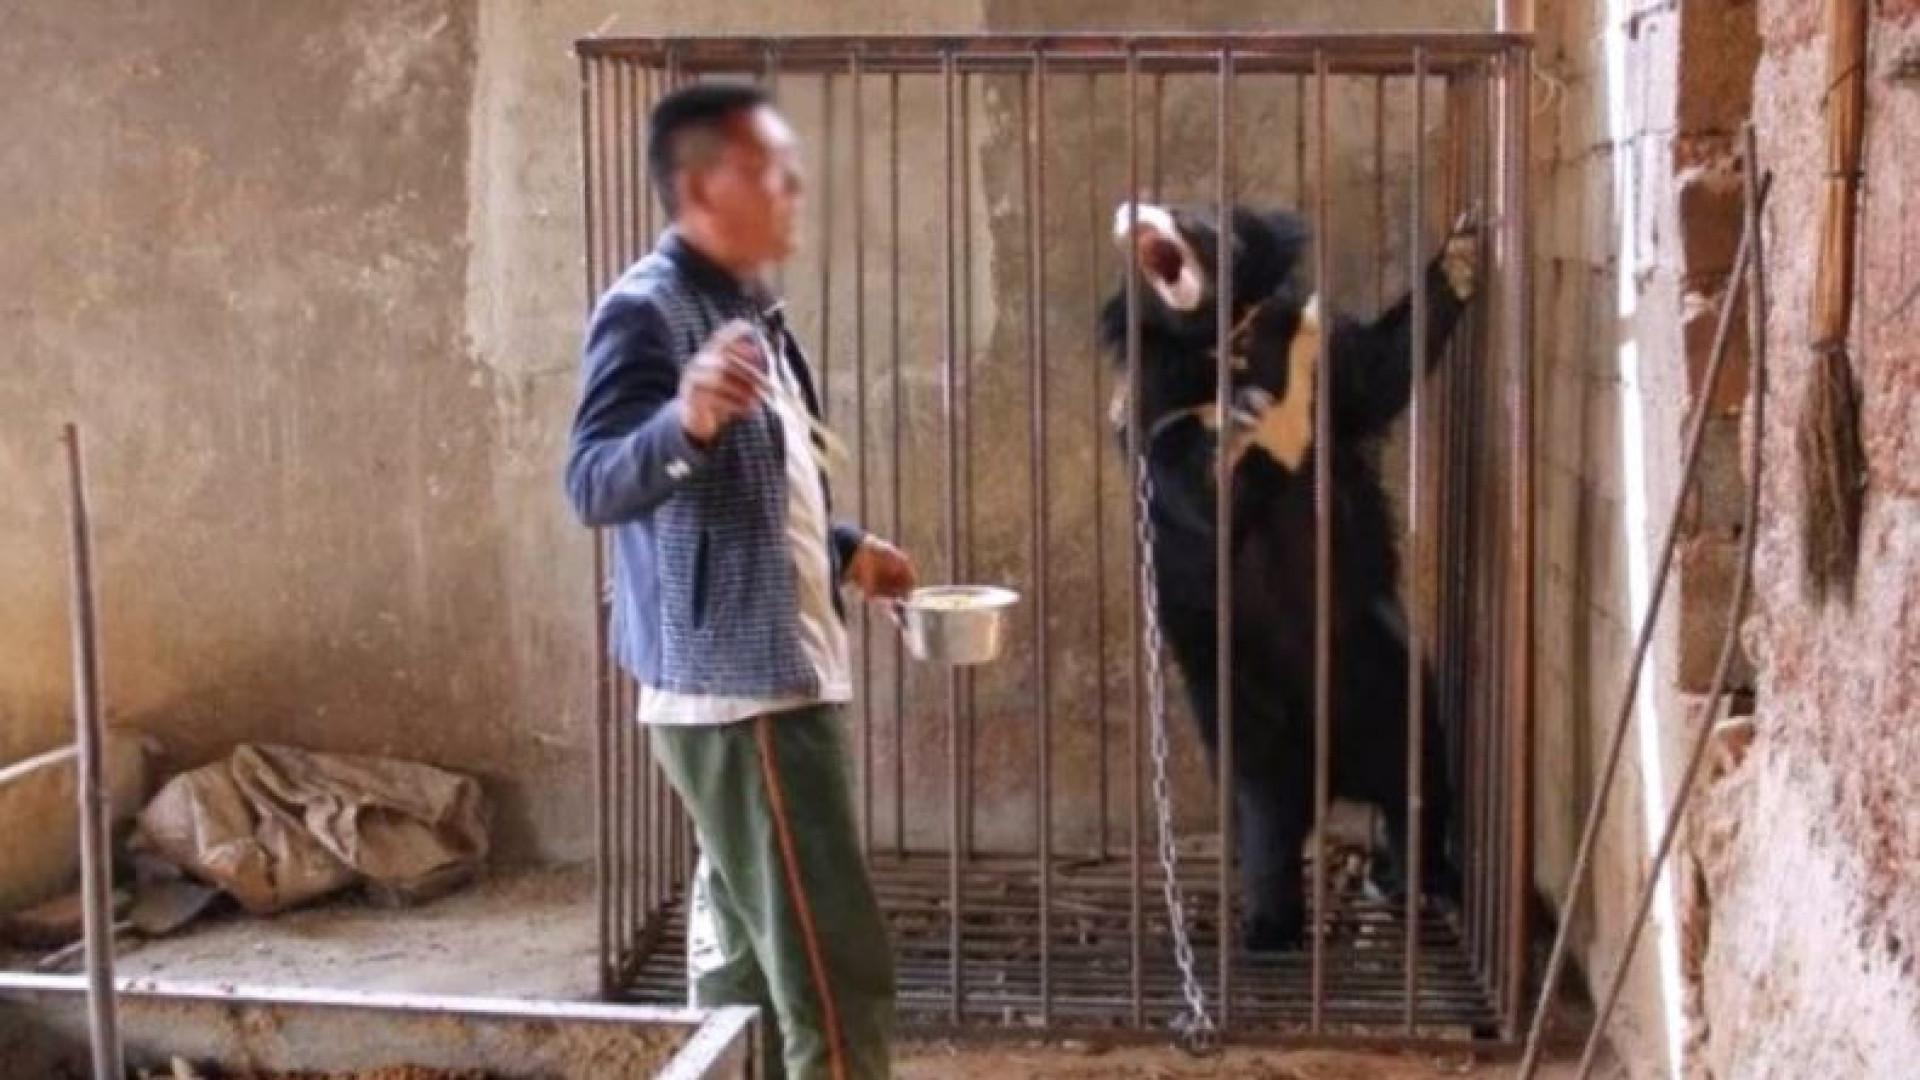 Adotou um urso pensando tratar-se de um cão